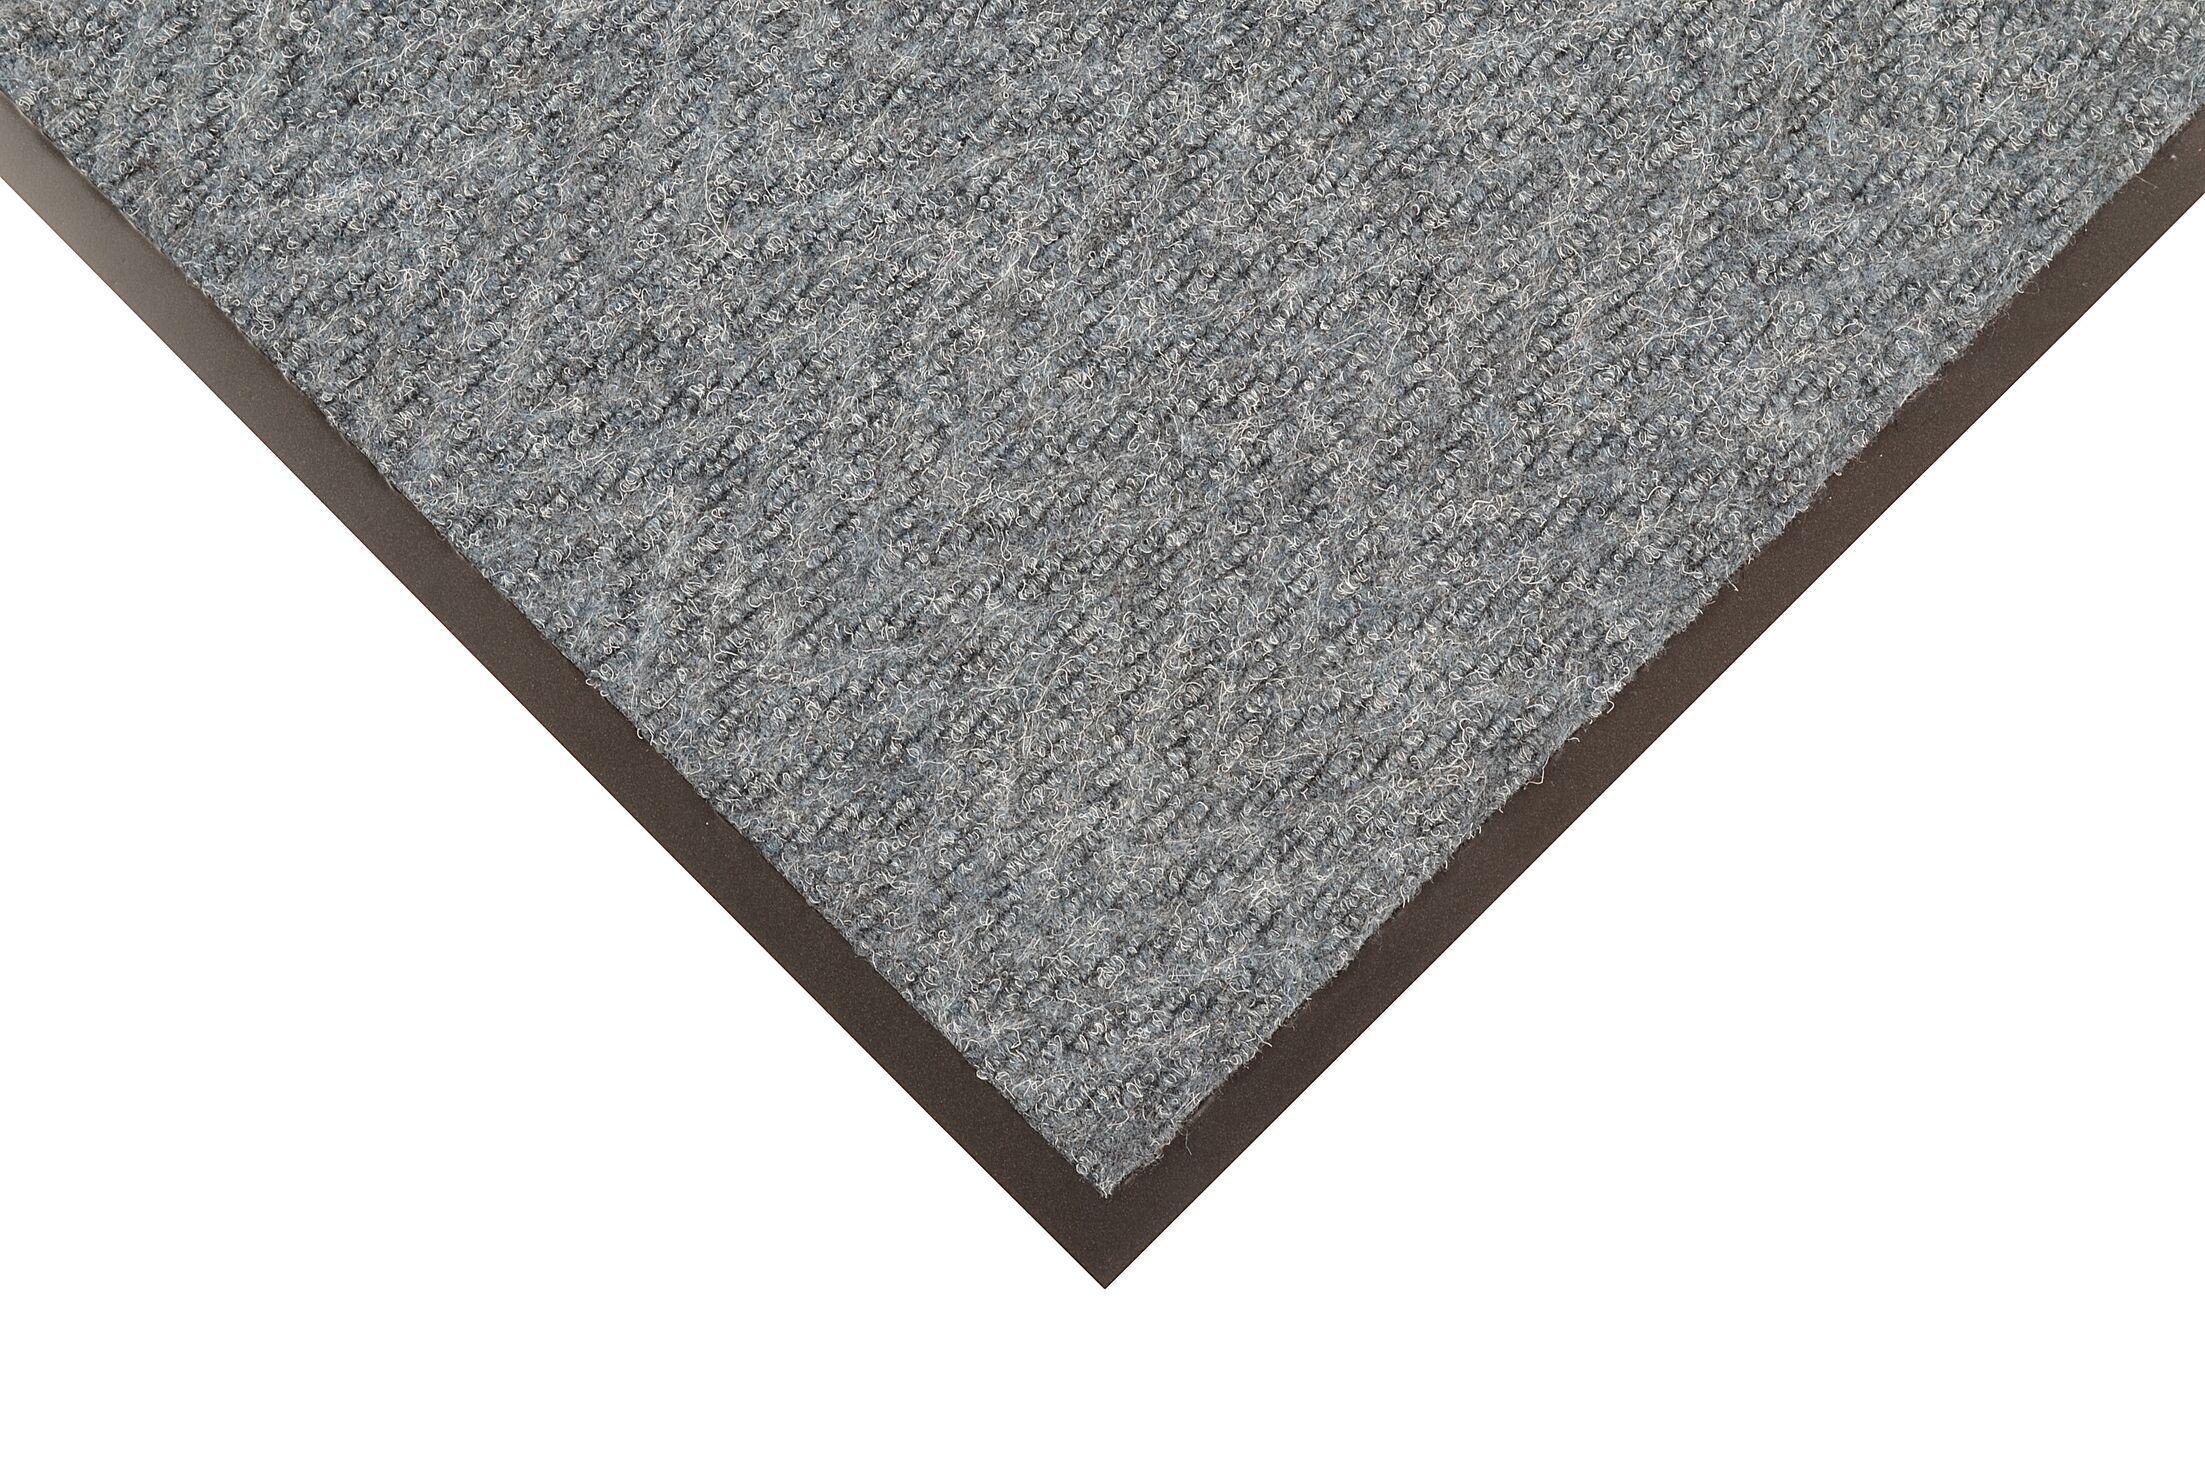 Chevron Doormat Color: Brown, Mat Size: Runner 3' x 10'